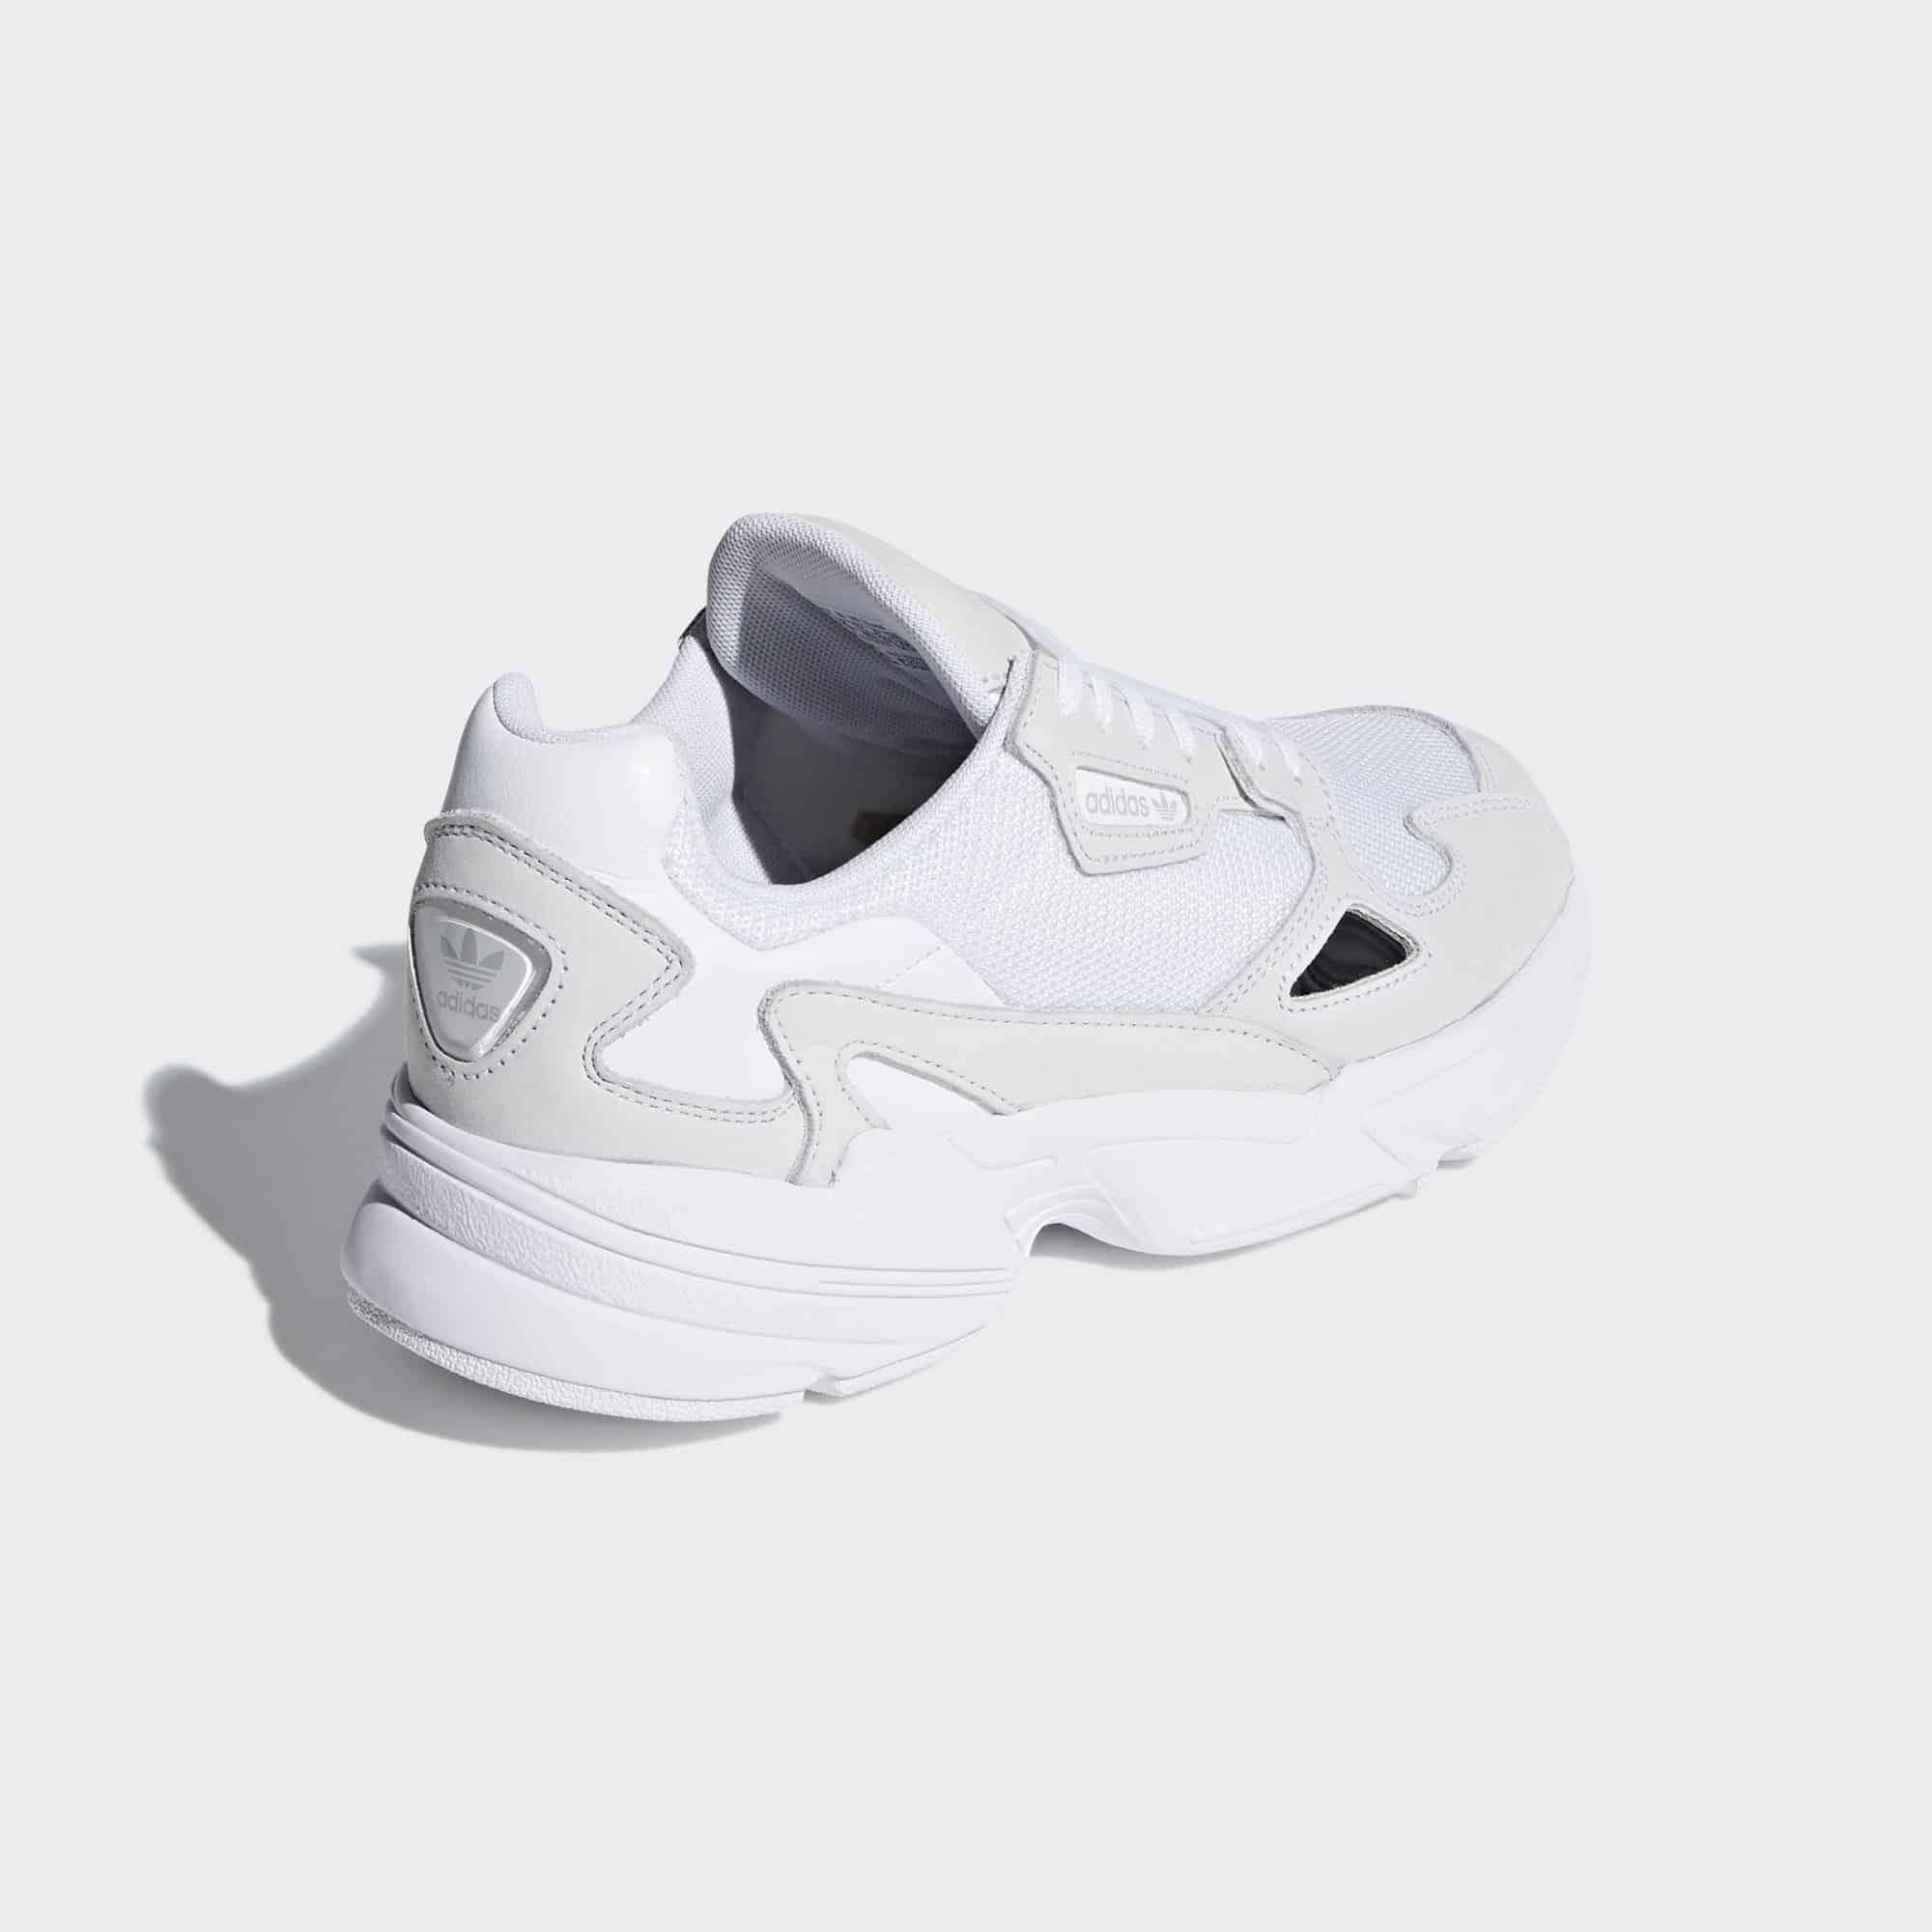 giày thể thao Falcon Triple White màu trăng 4